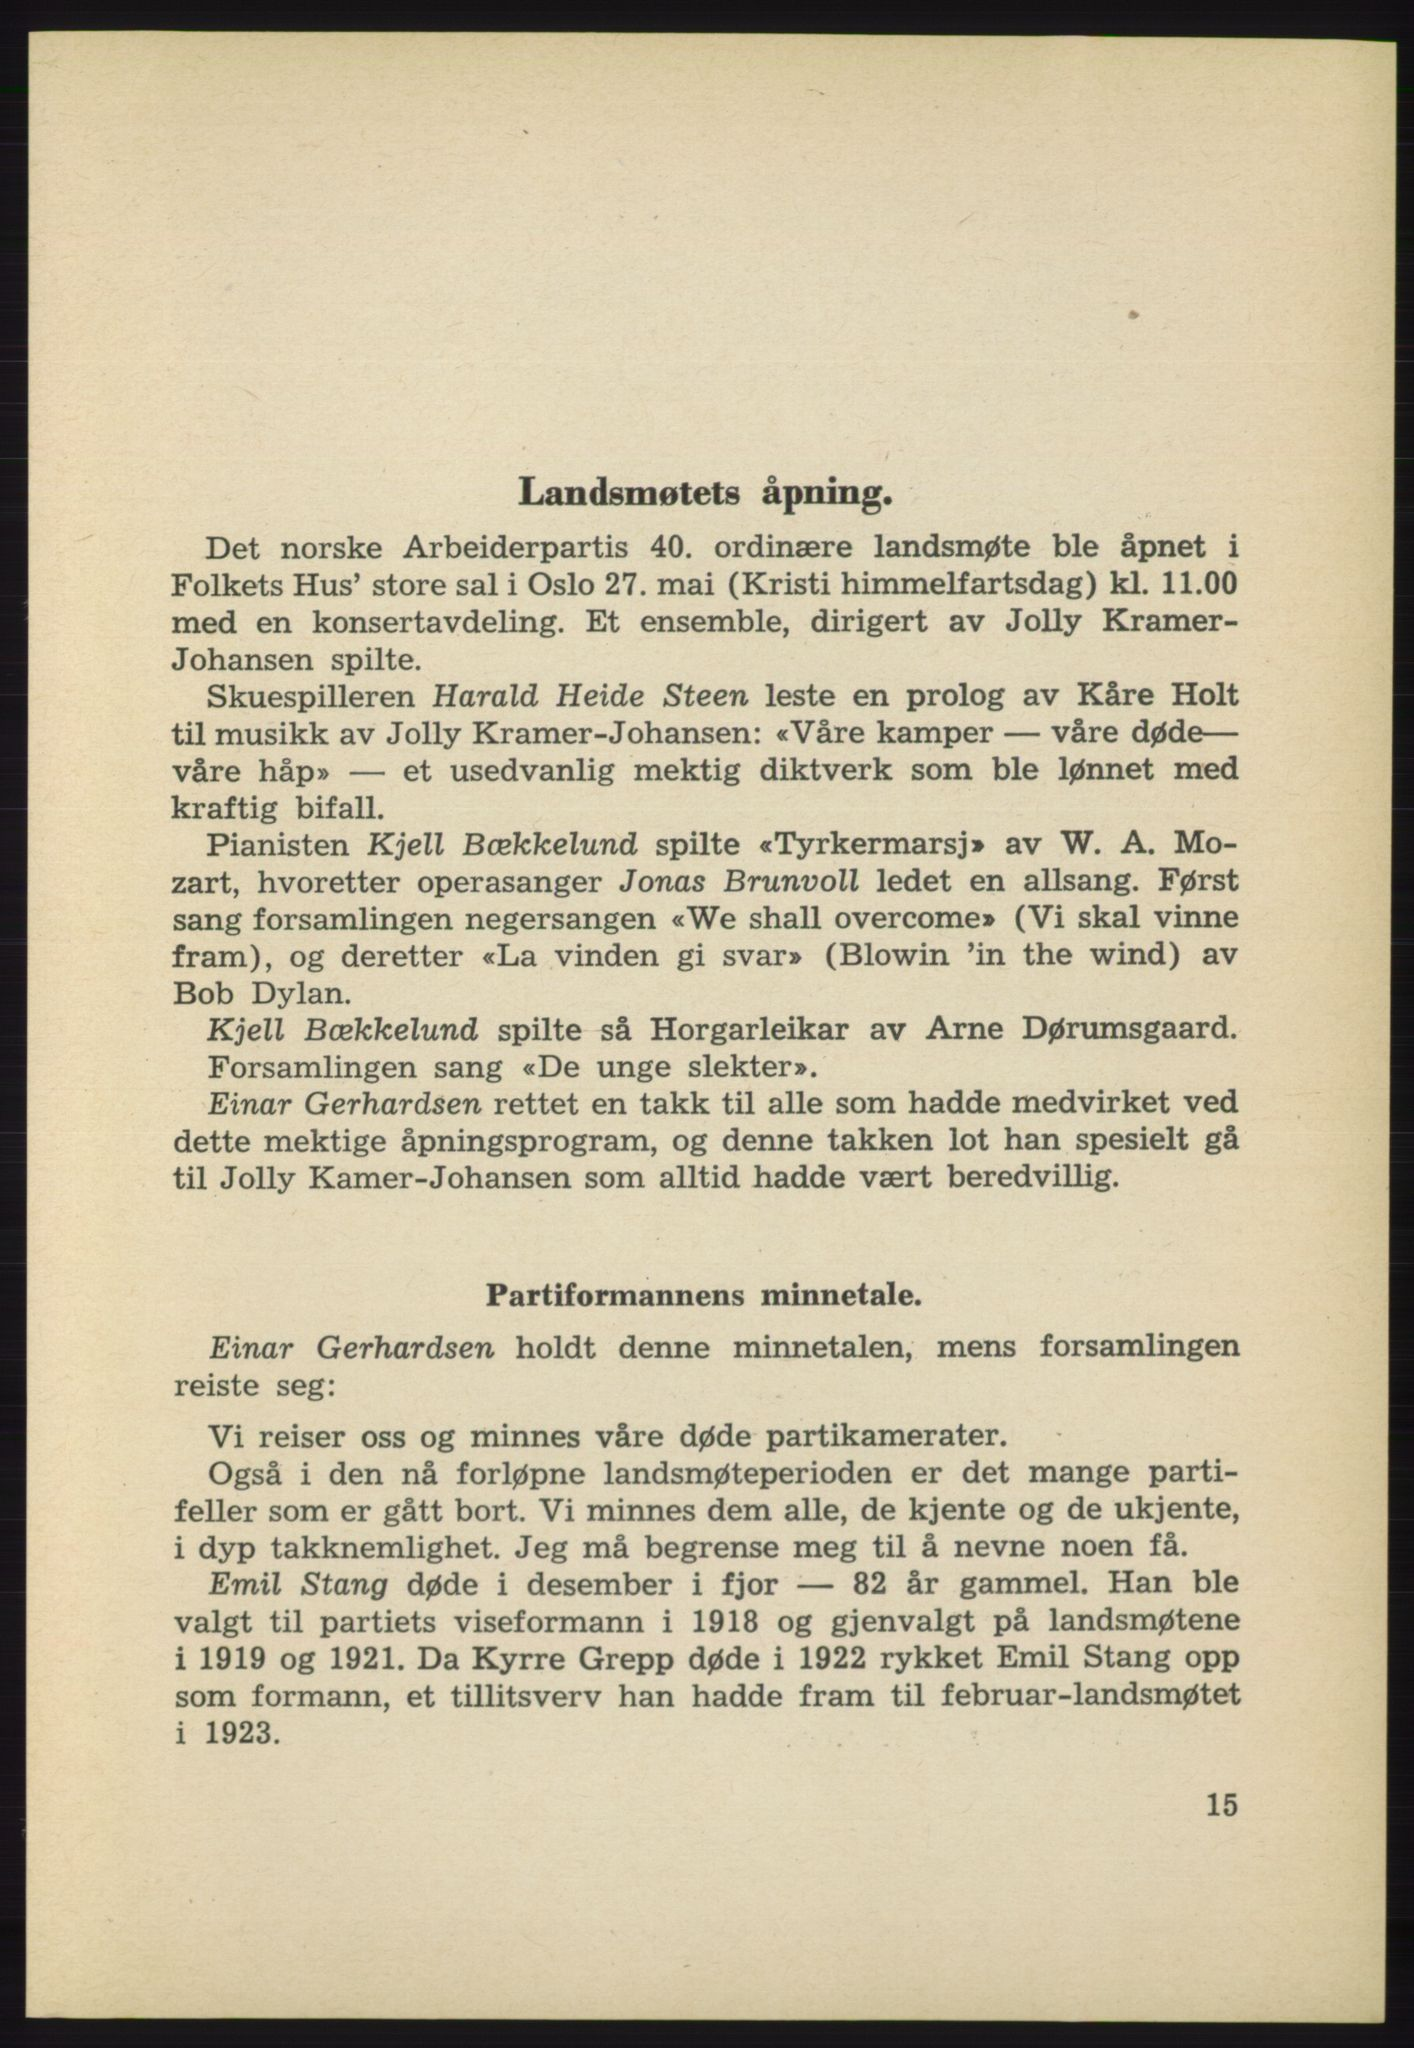 AAB, Det norske Arbeiderparti - publikasjoner, -/-: Protokoll over forhandlingene på det 40. ordinære landsmøte 27.-29. mai 1965 i Oslo, 1965, s. 15